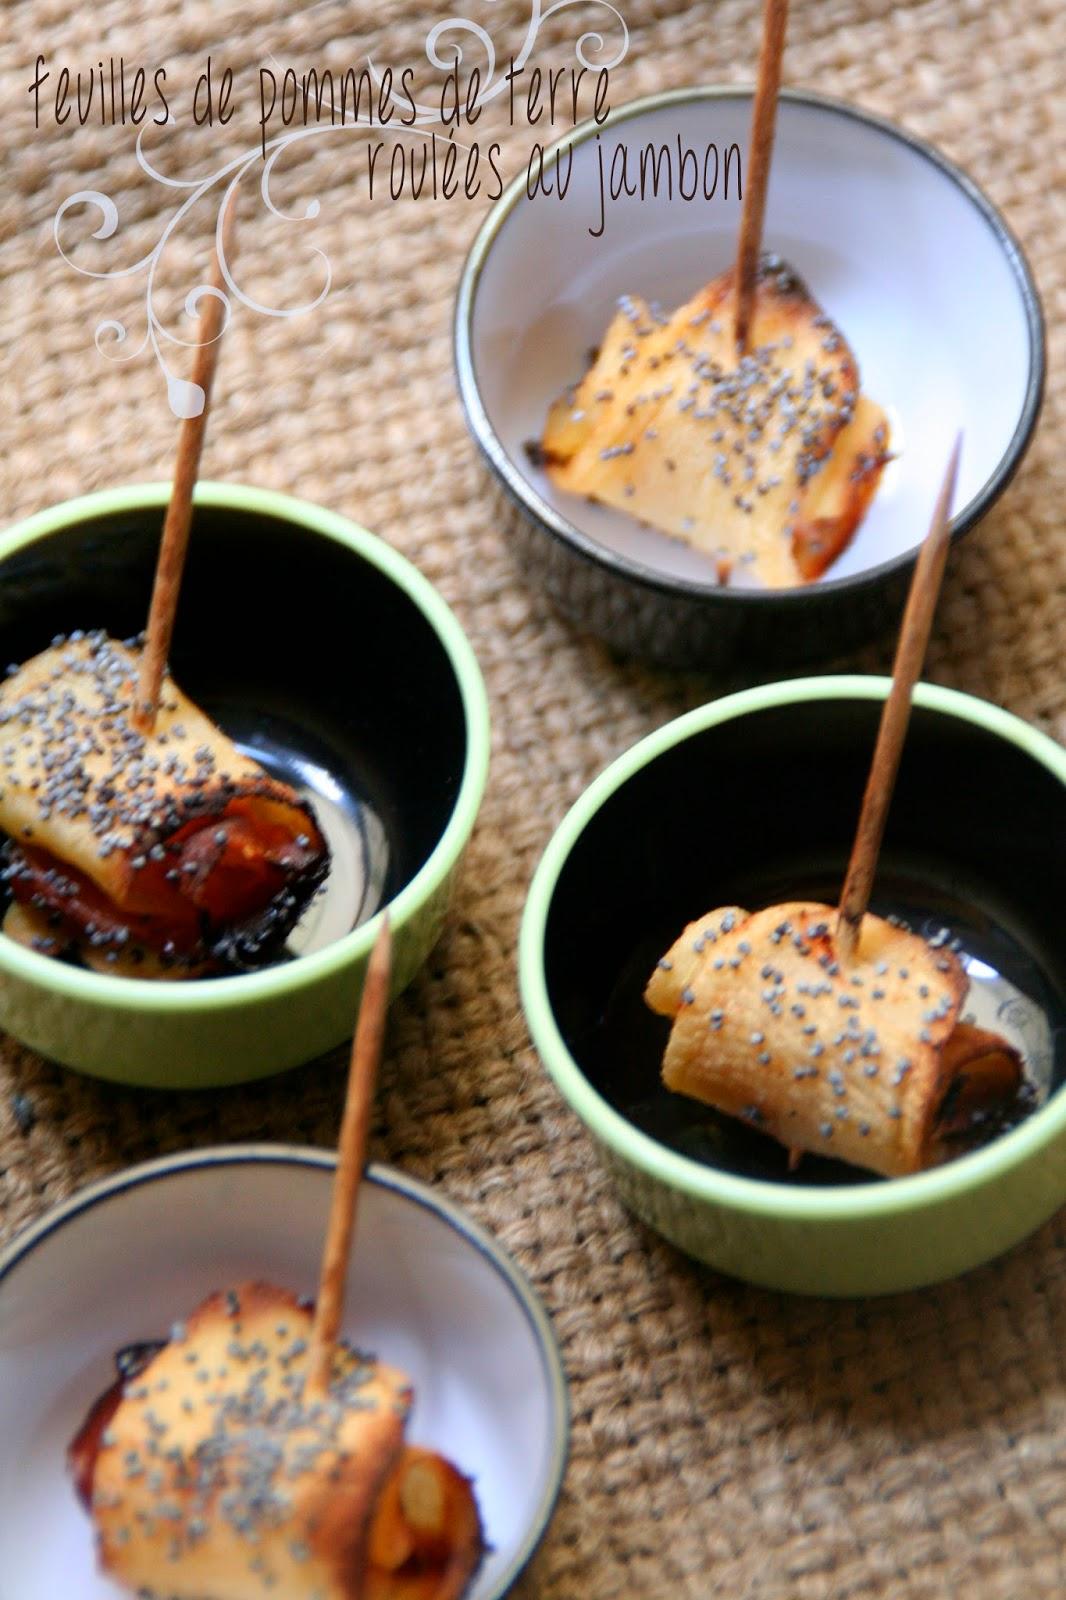 http://etcharlottedecouvritlacuisine.blogspot.fr/2014/06/feuilles-de-pommes-de-terre-roulees-au.html